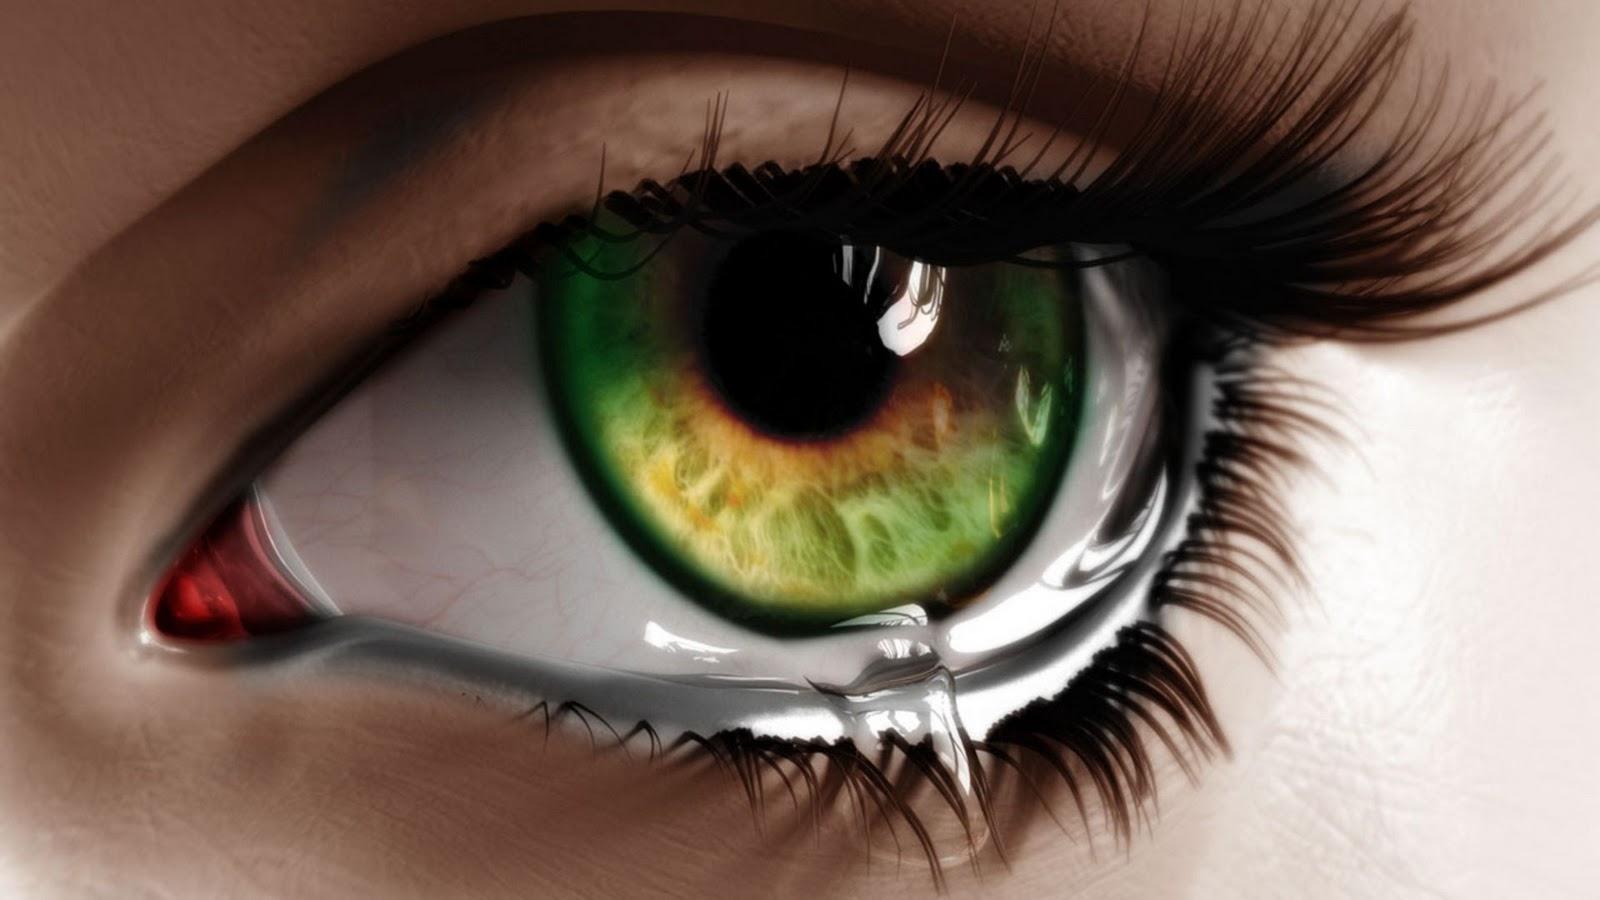 http://2.bp.blogspot.com/-Rd9M4nbKEuE/Tvb6wG2UAfI/AAAAAAAAA2E/Wdg-UFnfTi8/s1600/Grief.jpg